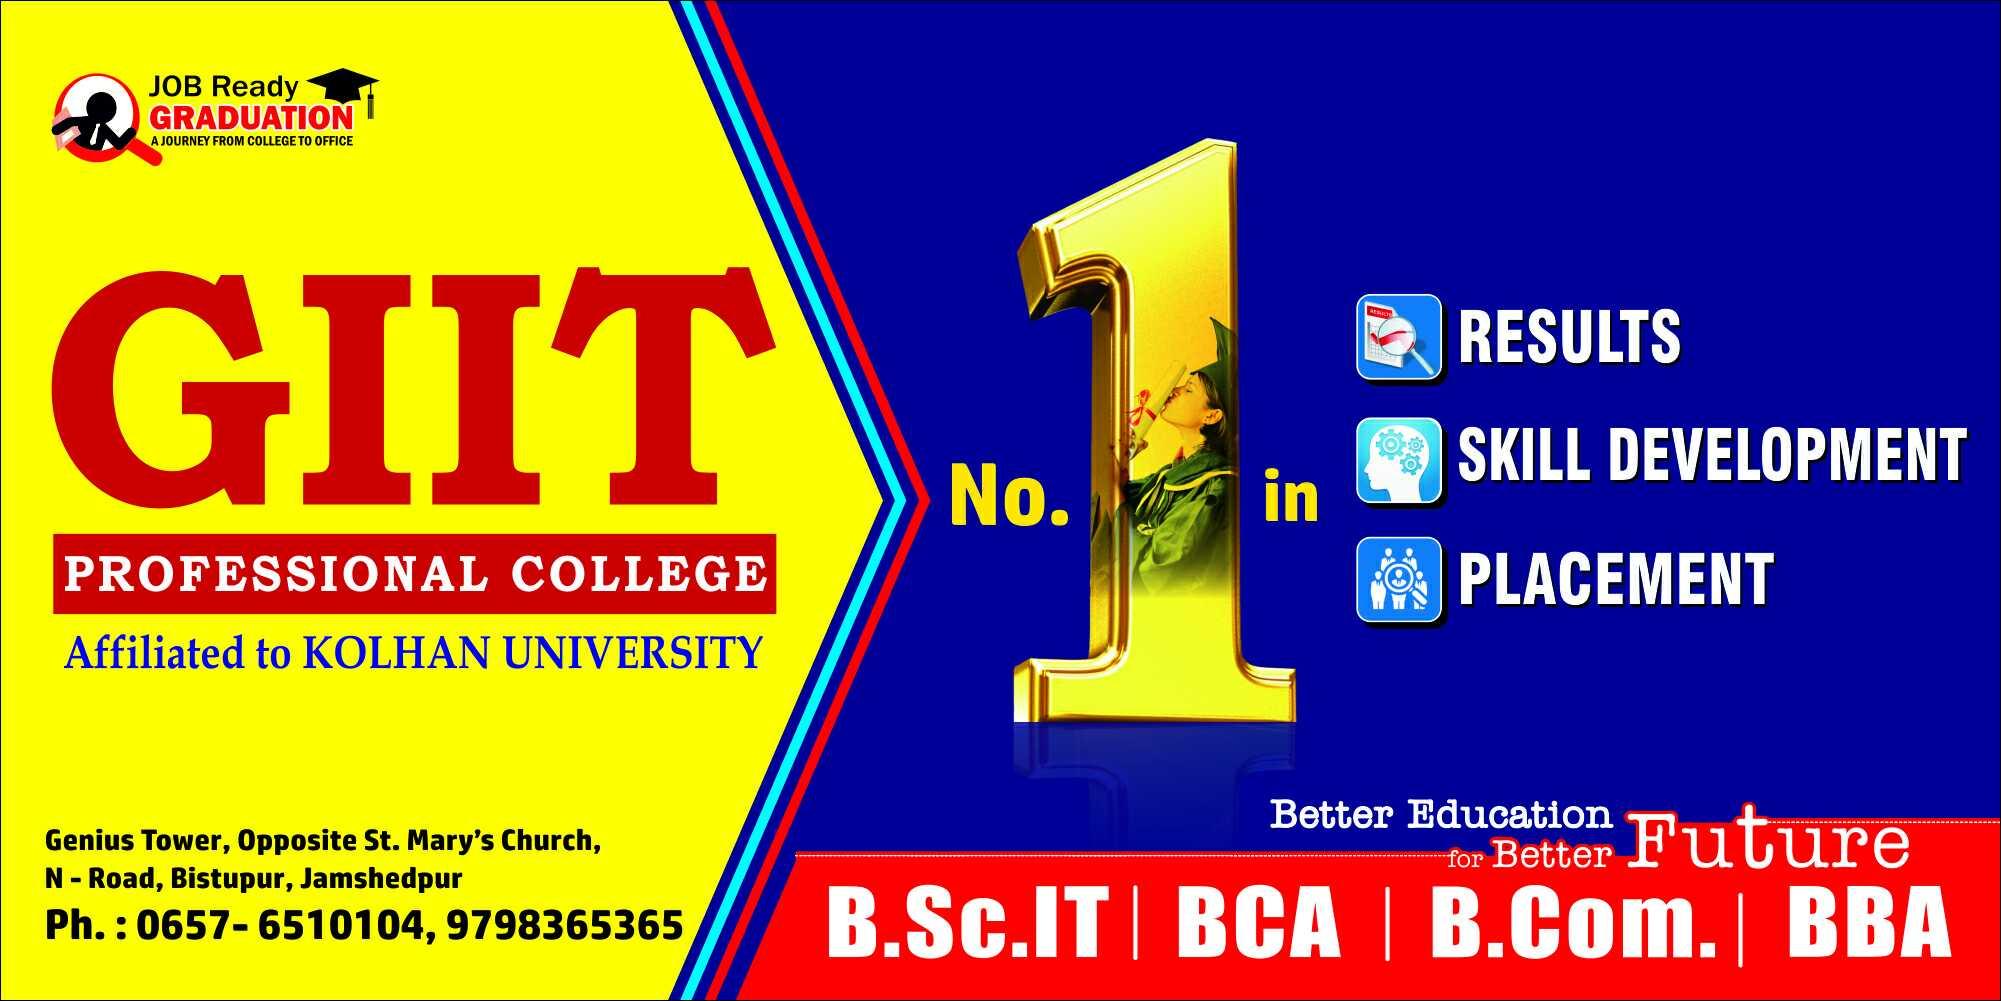 GIIT Professional College in Bistupur, Jamshedpur-831001